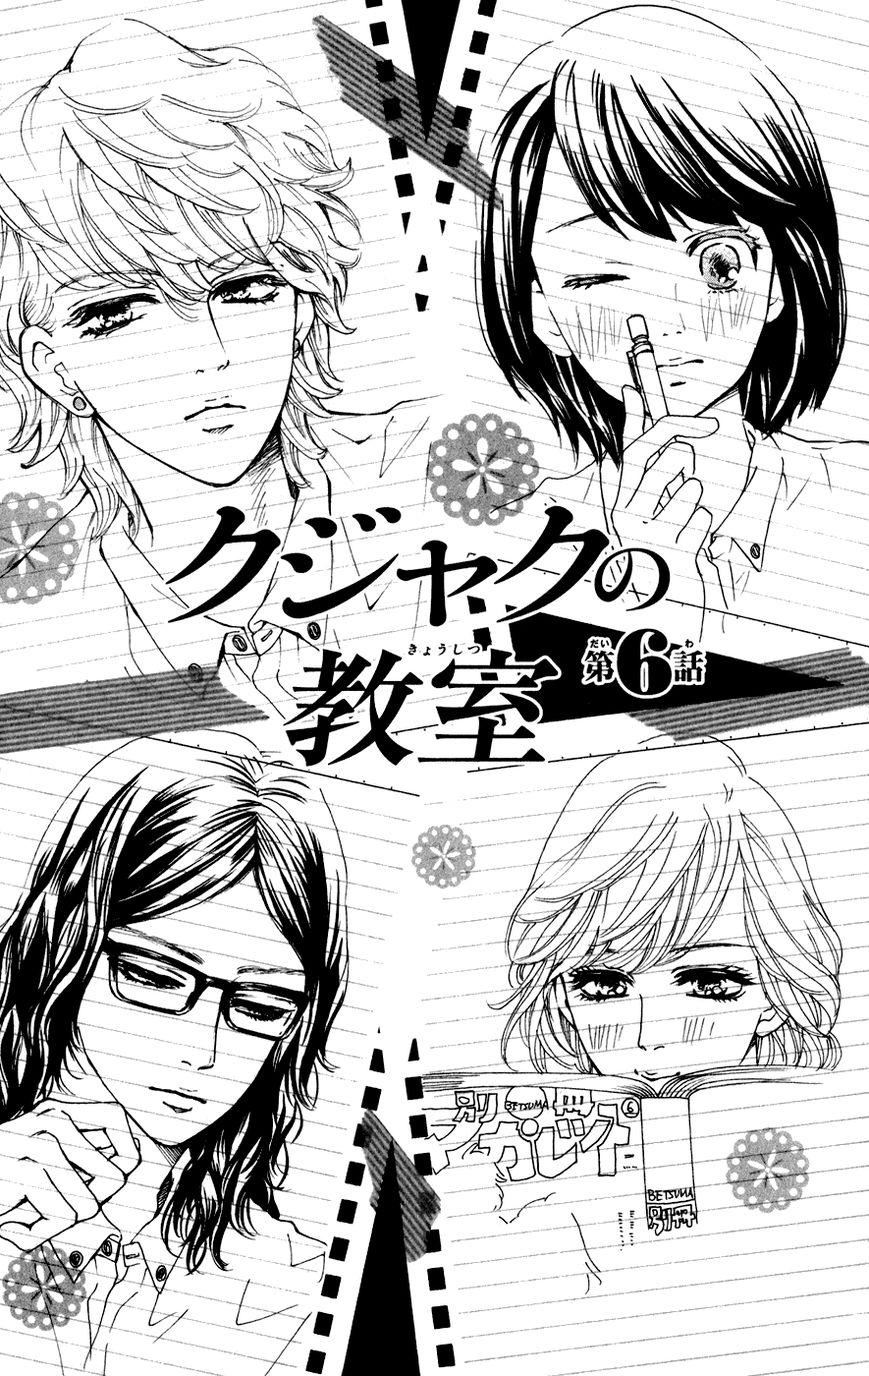 Kujaku no Kyoushitsu 6 Page 2